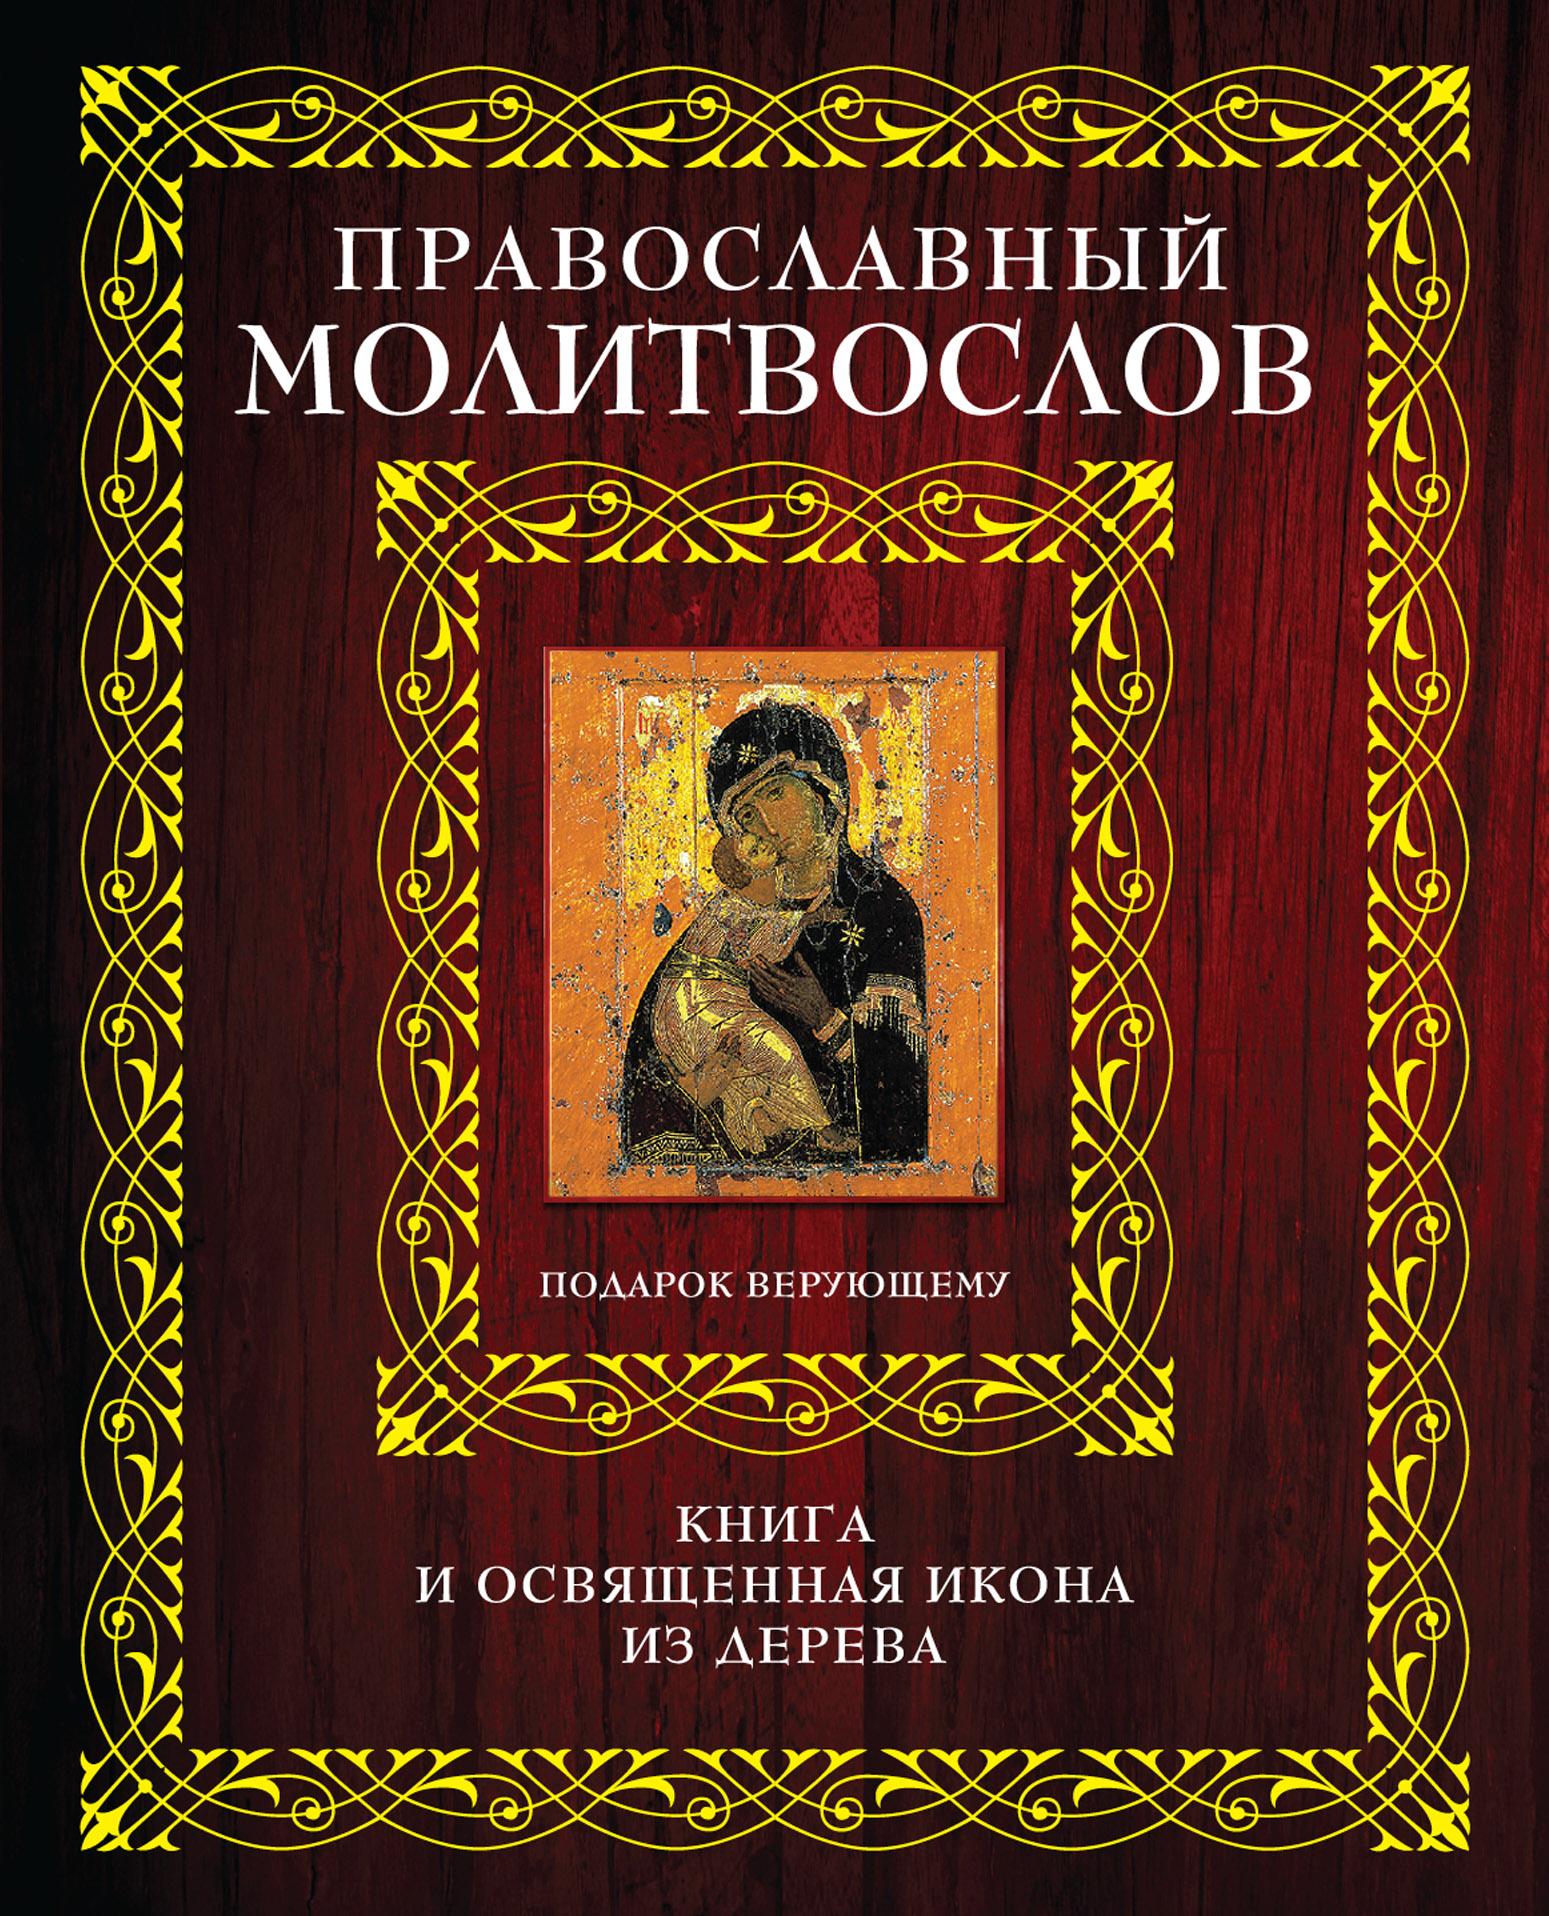 Молитвослов в футляре [Мал. Книга+икона] молитвослов на церковно славянском языке кр кор мал 2 цв